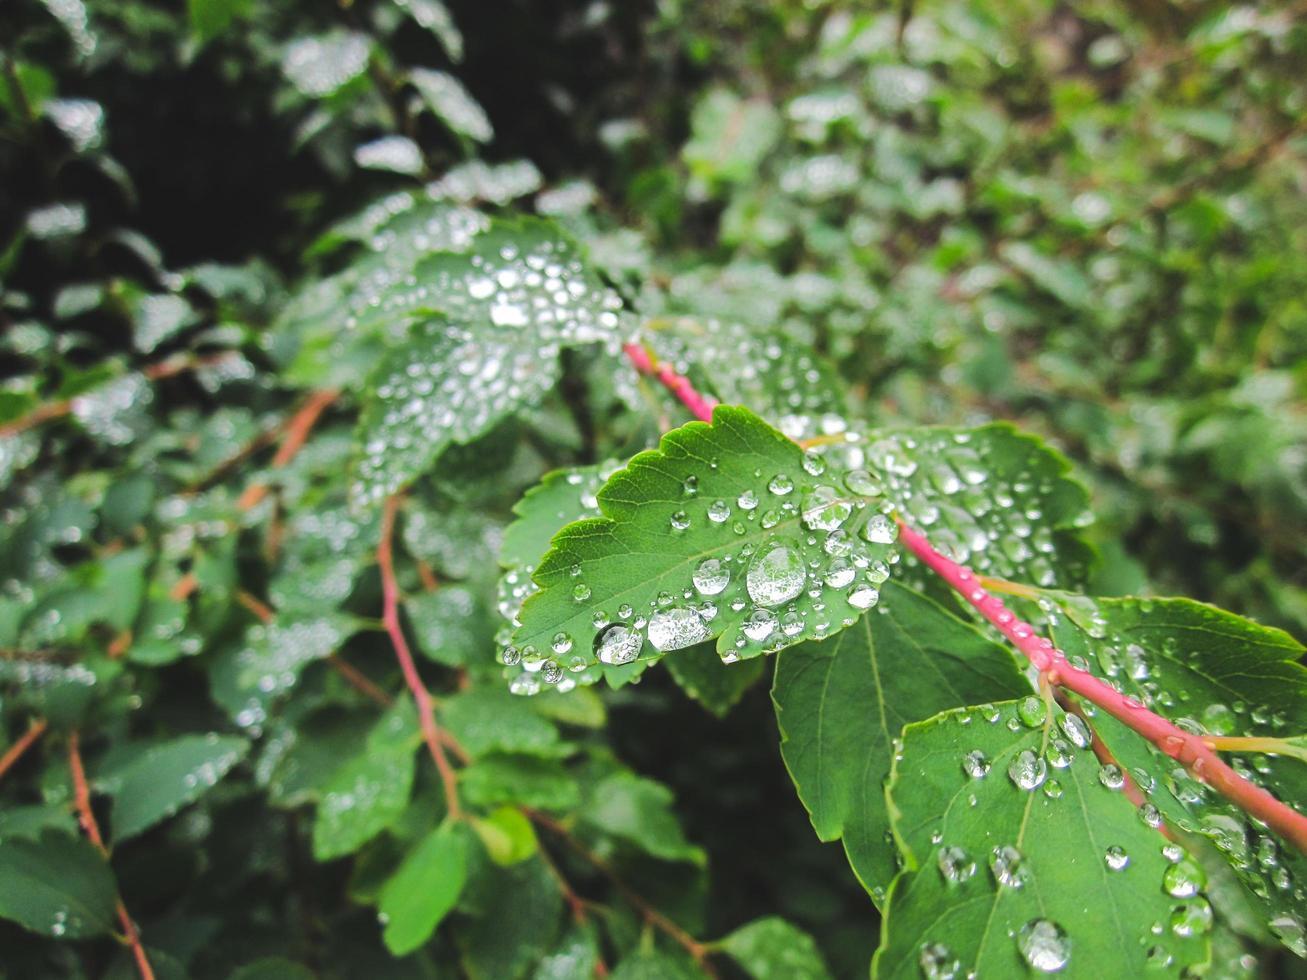 Tautropfen auf grünen Blättern foto